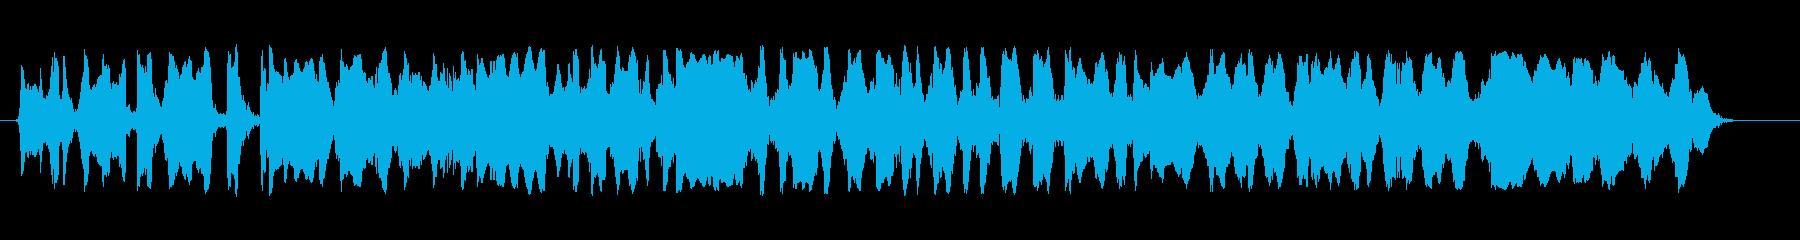 ウォーブリングモンキースクイール、...の再生済みの波形